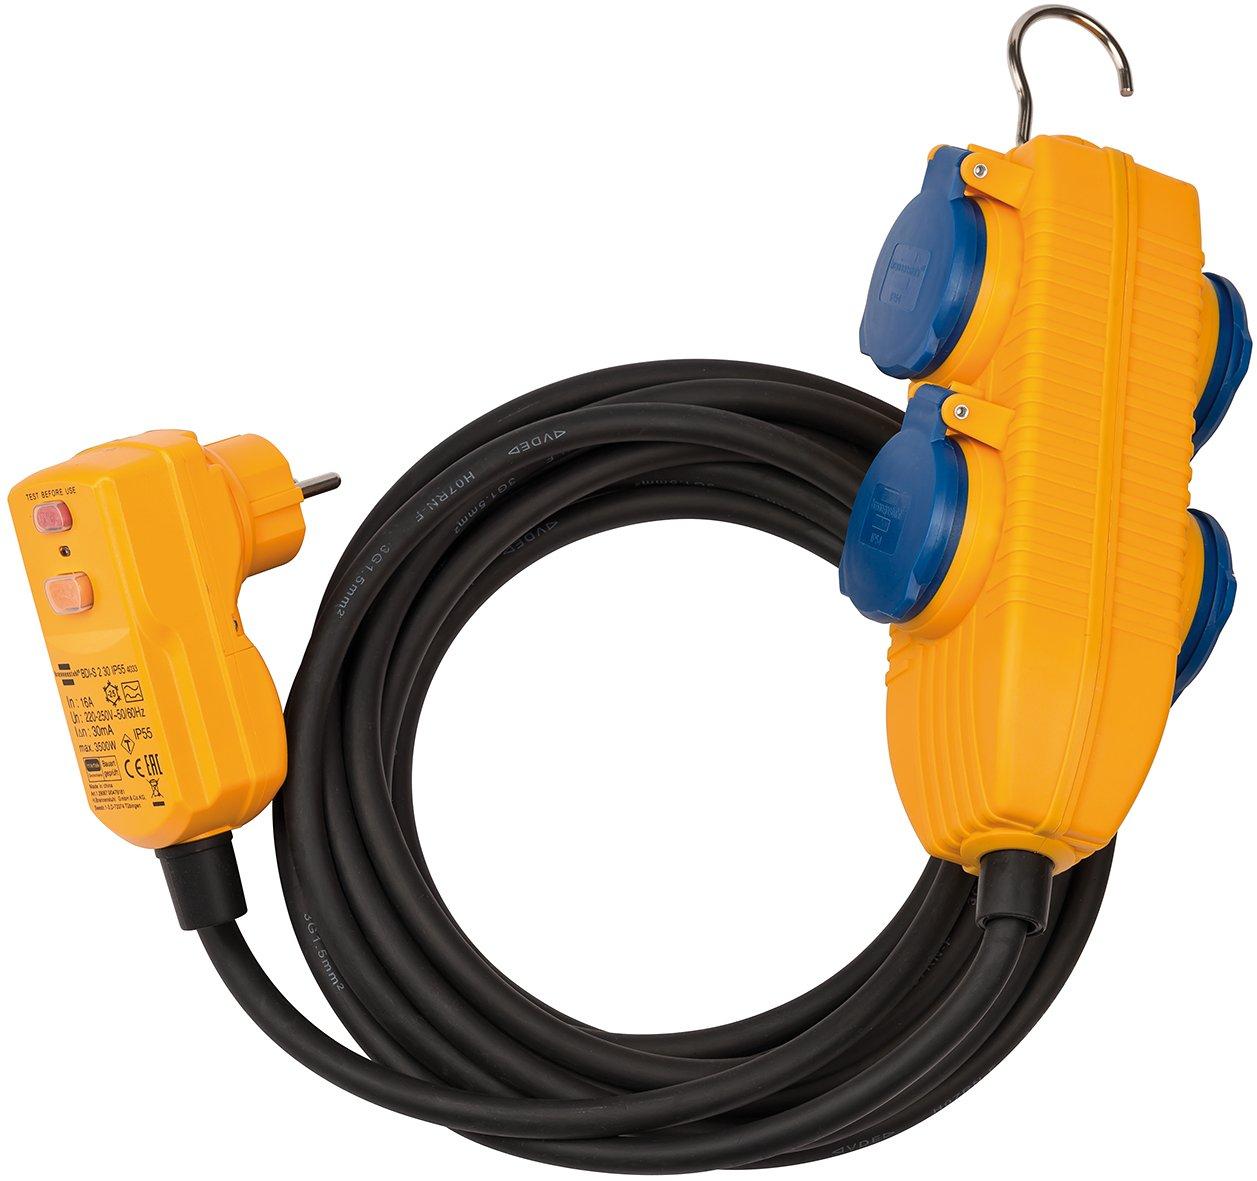 Brennenstuhl 1168730010 Schutzadapterleitung FI IP44 mit Powerblock 10m schwarz H07RN-F 3G1,5, 230 V